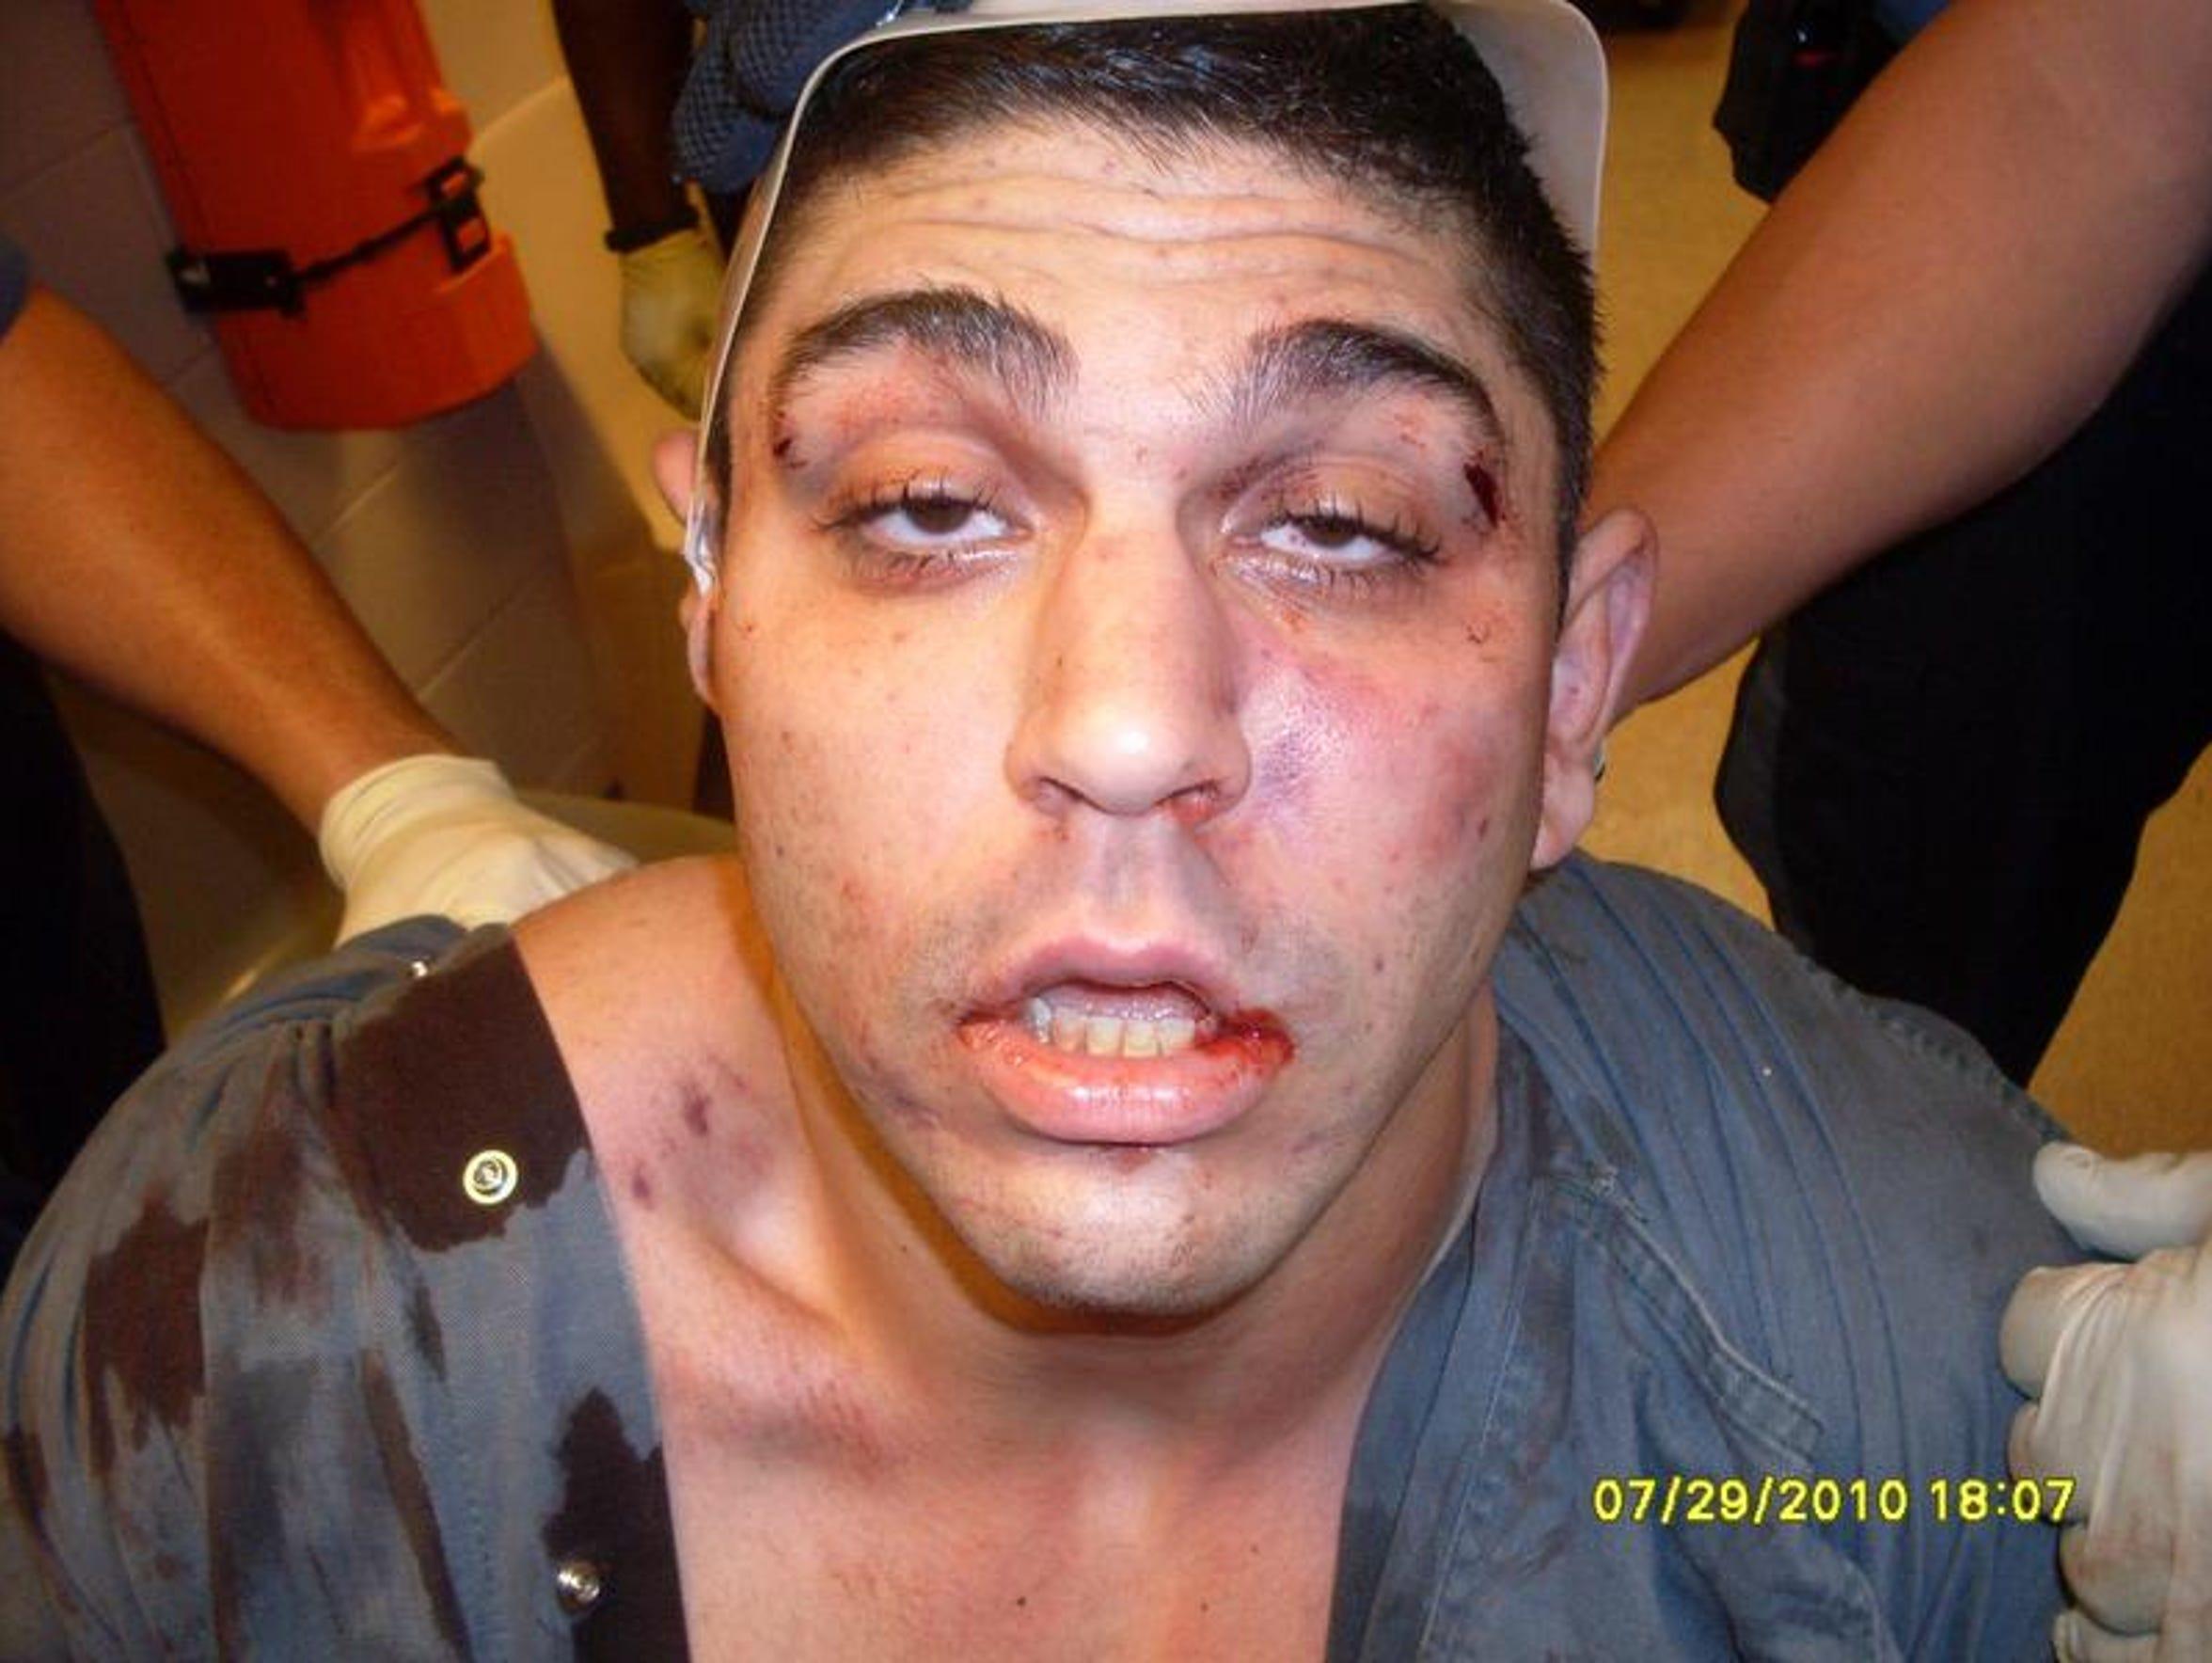 Photographs of Amit Bornstein's injuries, taken by